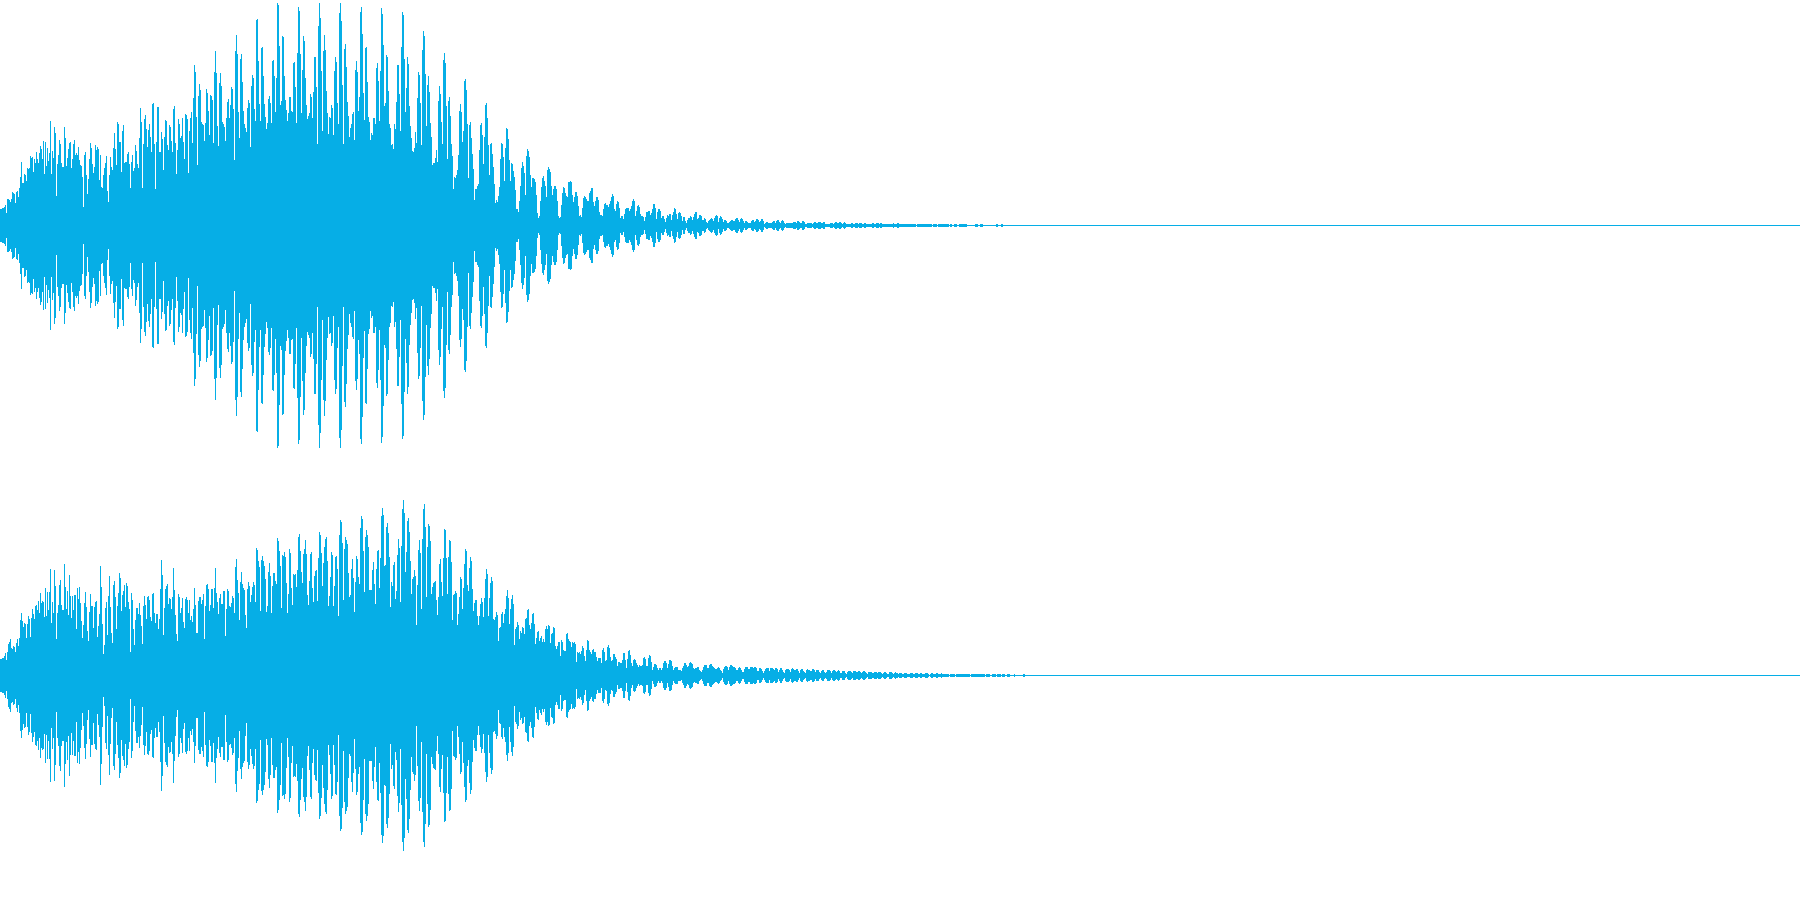 キュイン 光 ピカーン フラッシュ 08の再生済みの波形